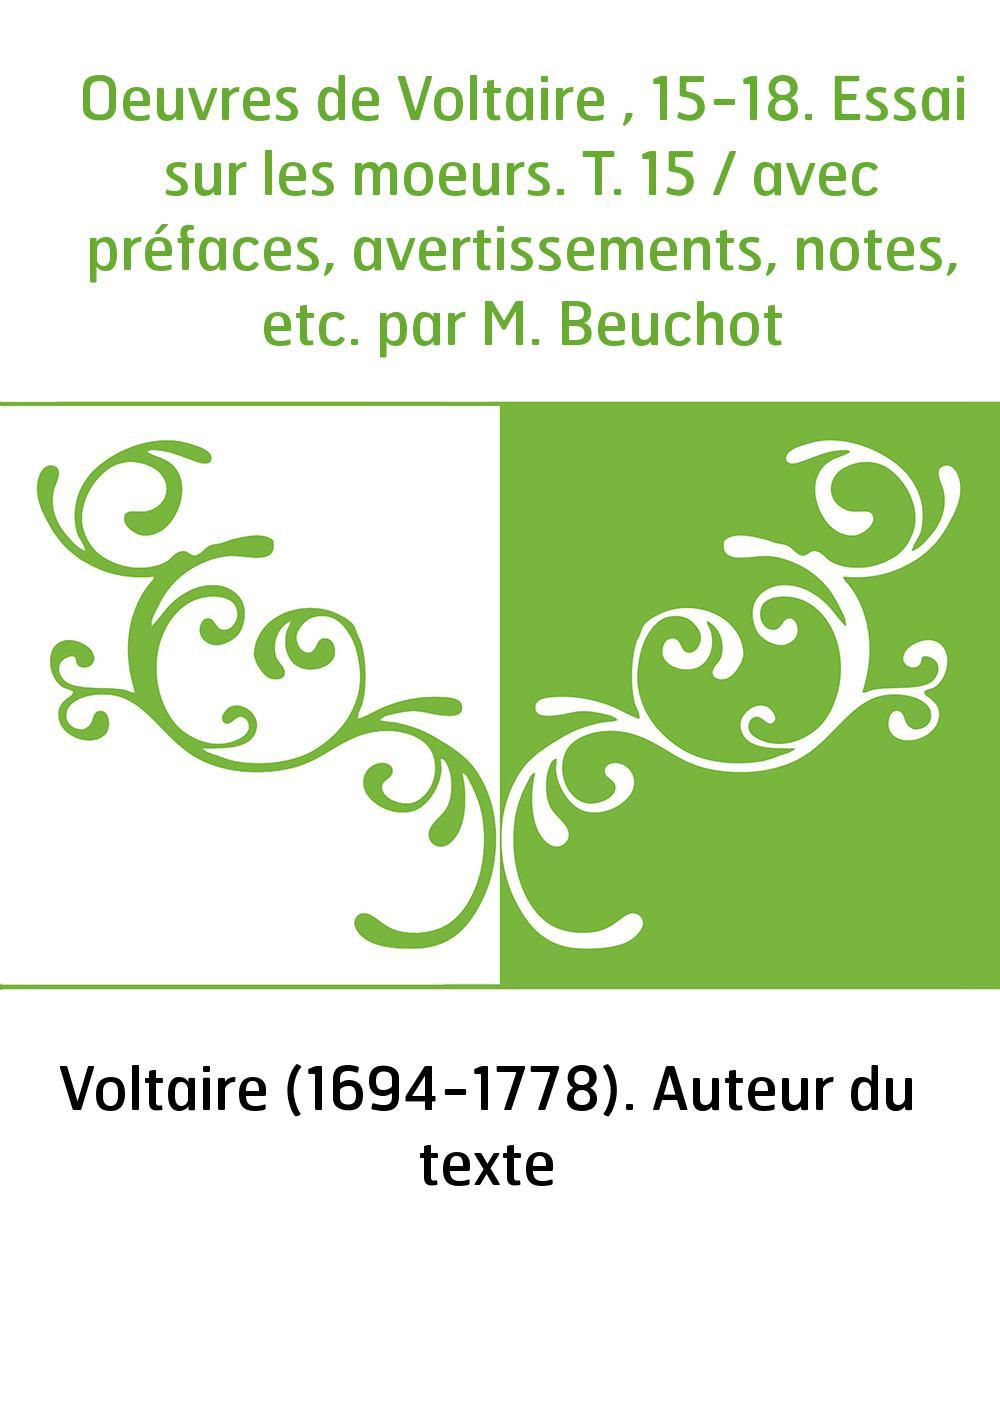 Oeuvres de Voltaire , 15-18. Essai sur les moeurs. T. 15 / avec préfaces, avertissements, notes, etc. par M. Beuchot